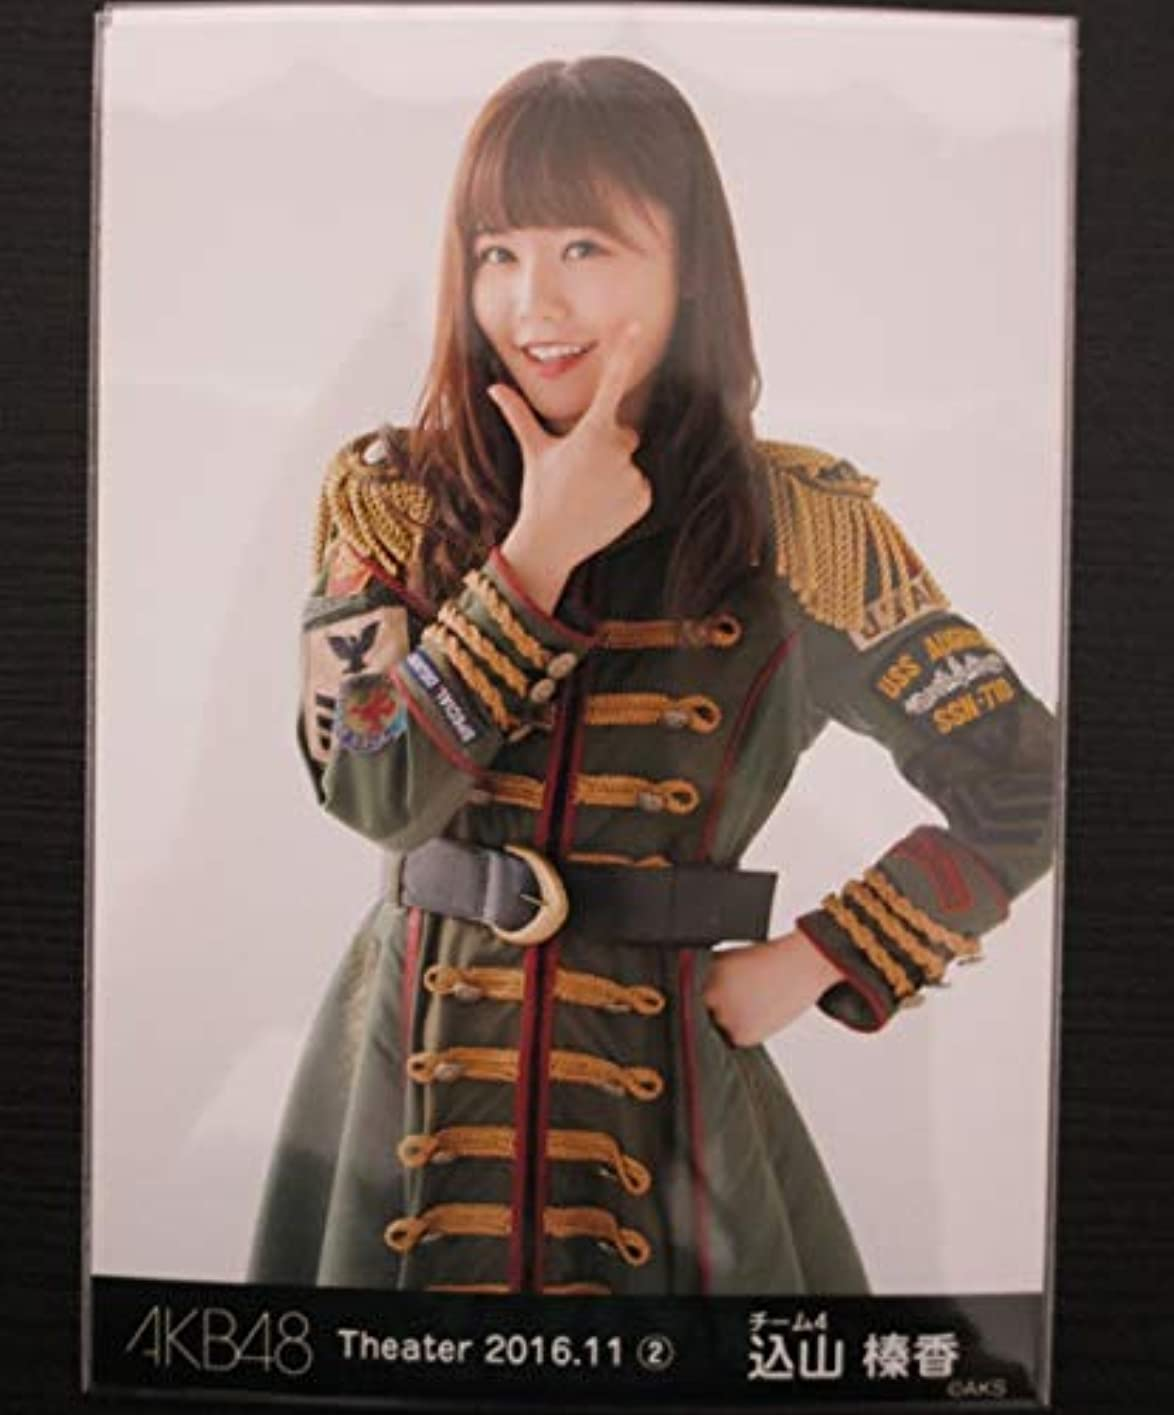 六分儀鋭く気配りのあるAKB48 山榛香 Theater 2016.11 ② チュウ